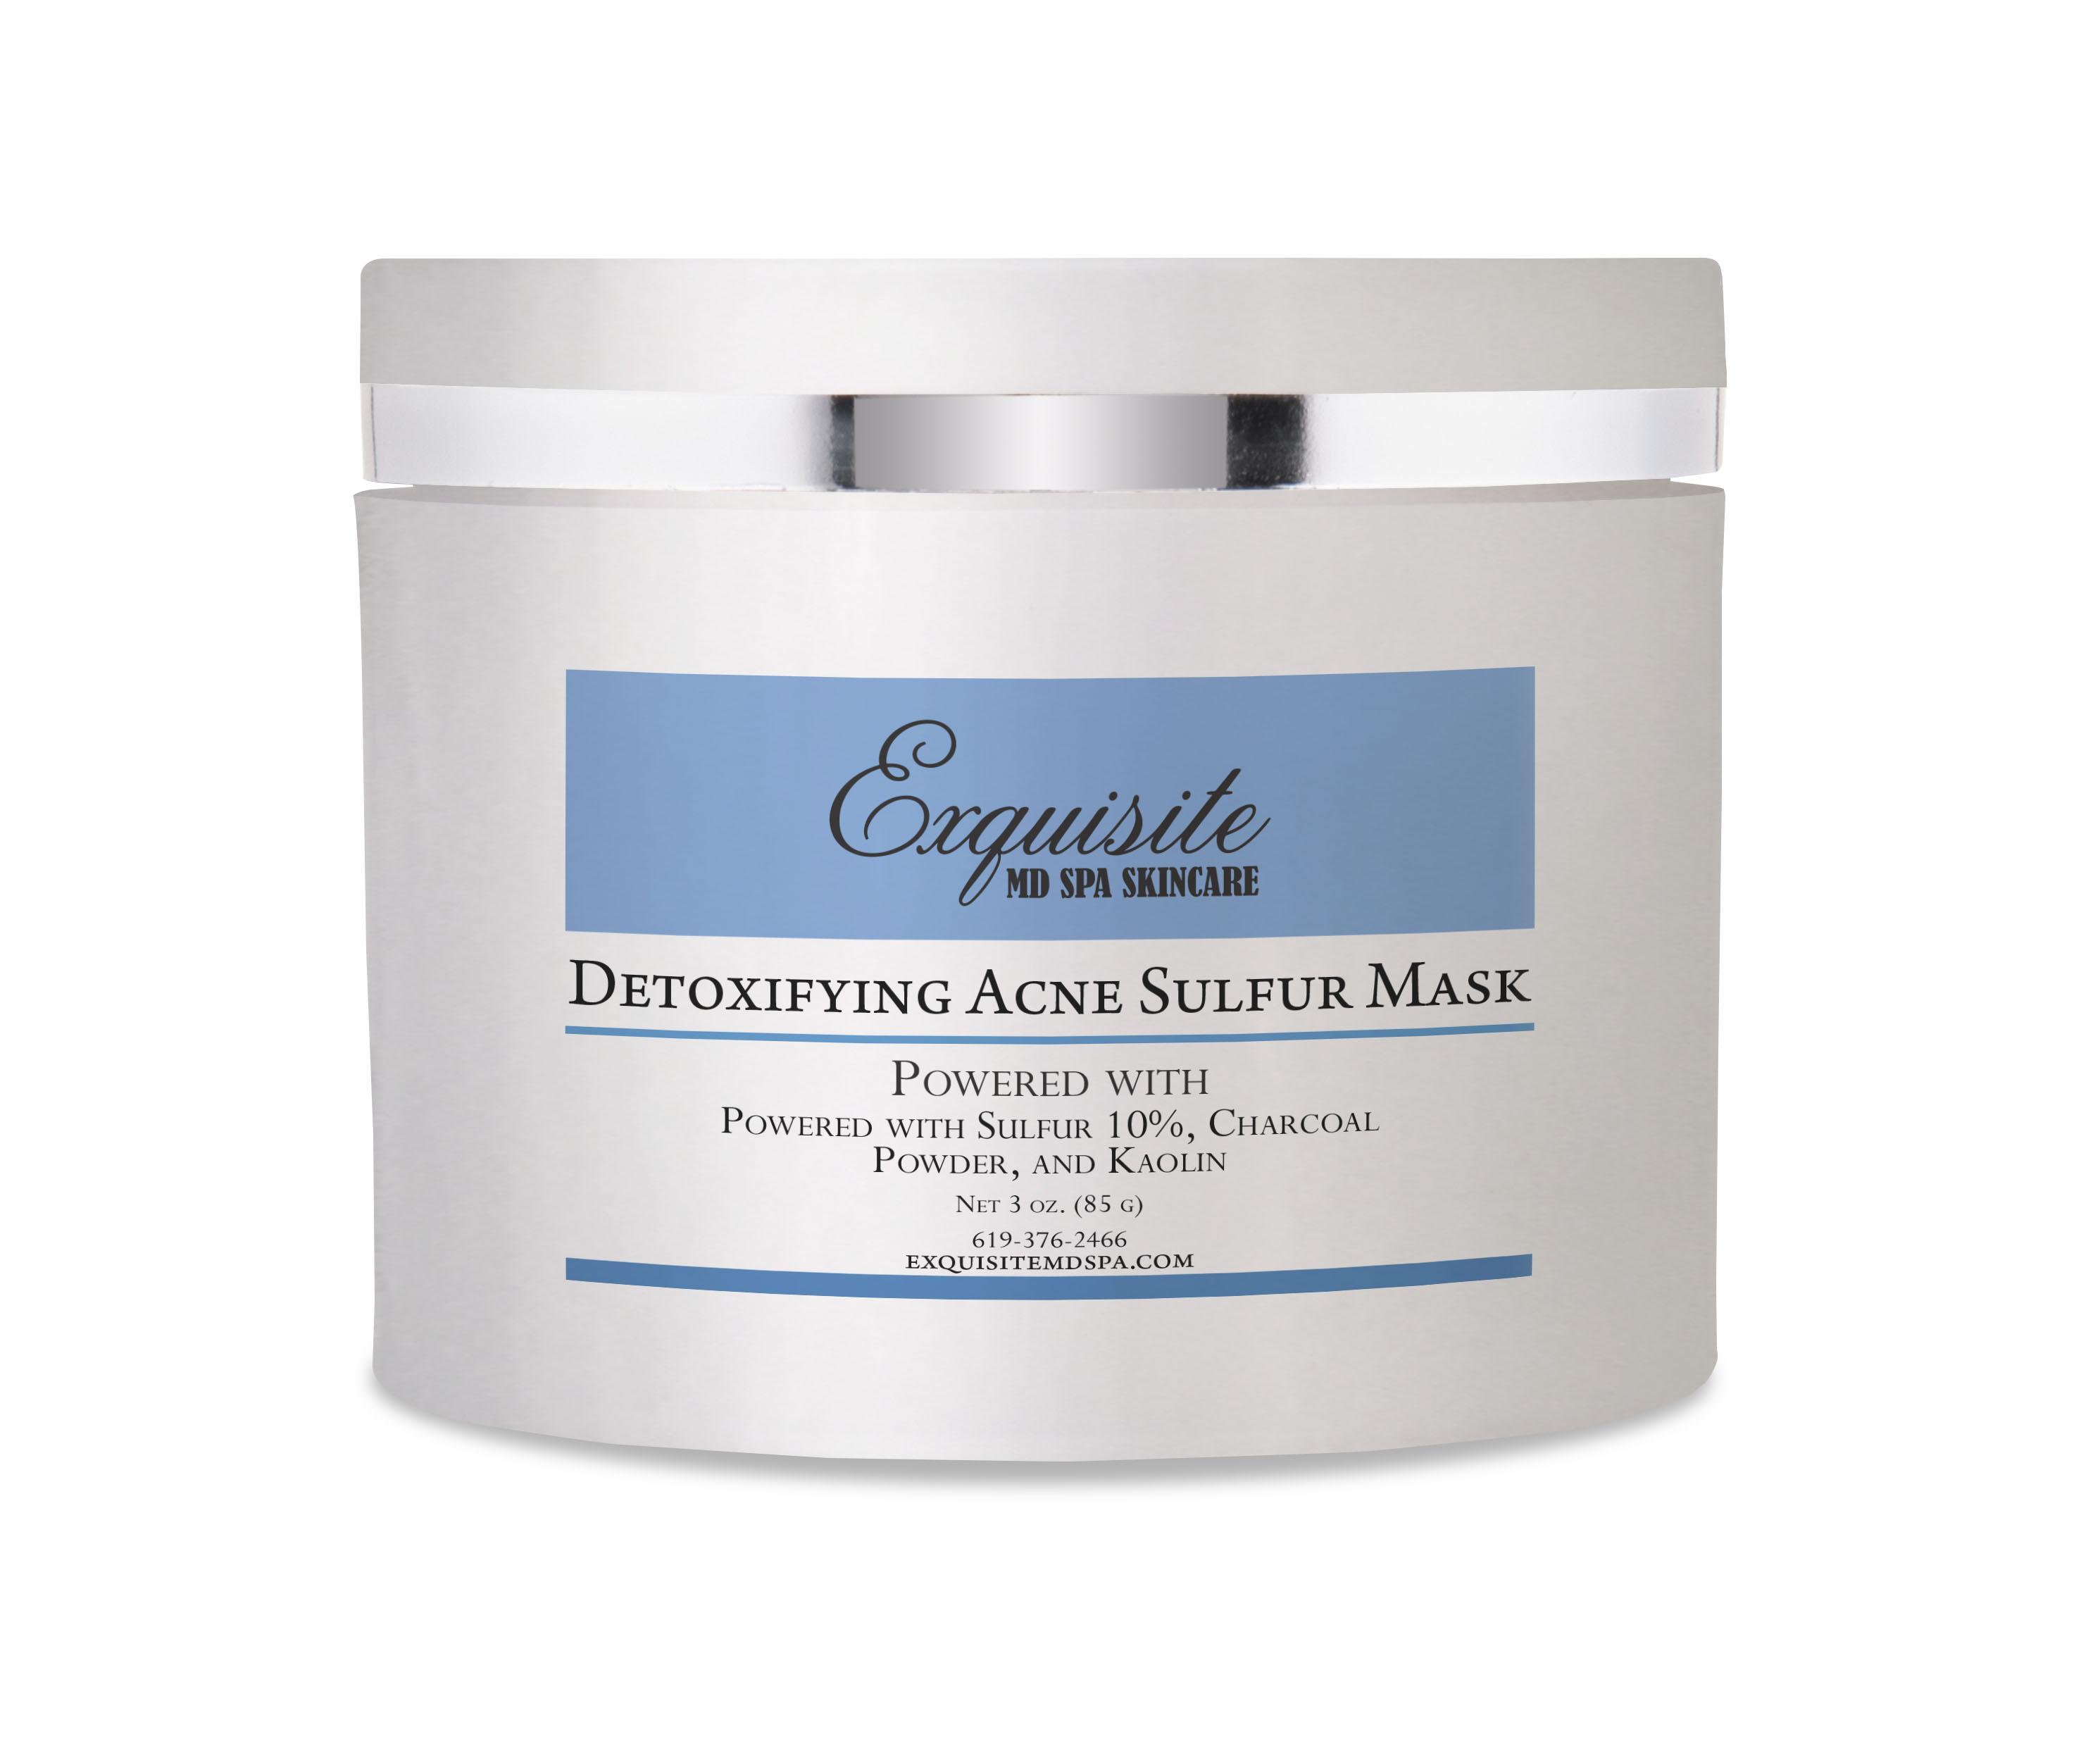 Detoxifying Acne Sulfur Mask